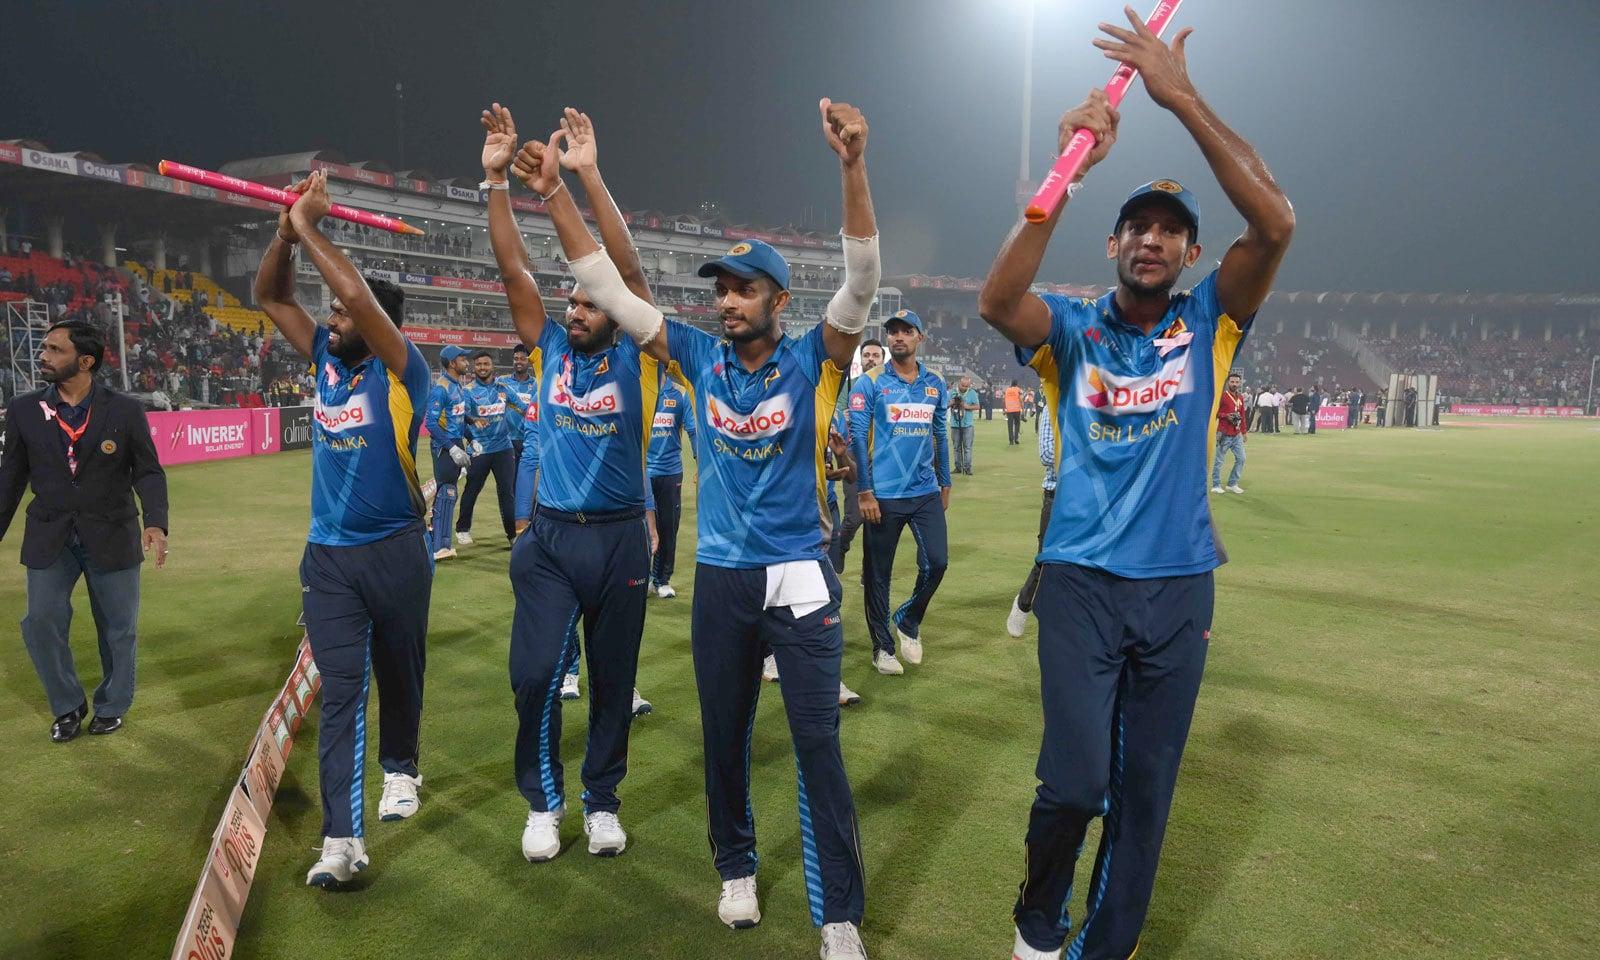 میچ کے بعد سری لنکن ٹیم نے میدان کا چکر لگایا اور سپورٹ کرنے پر شائقین کا شکریہ ادا کیا— فوٹو: اے ایف پی